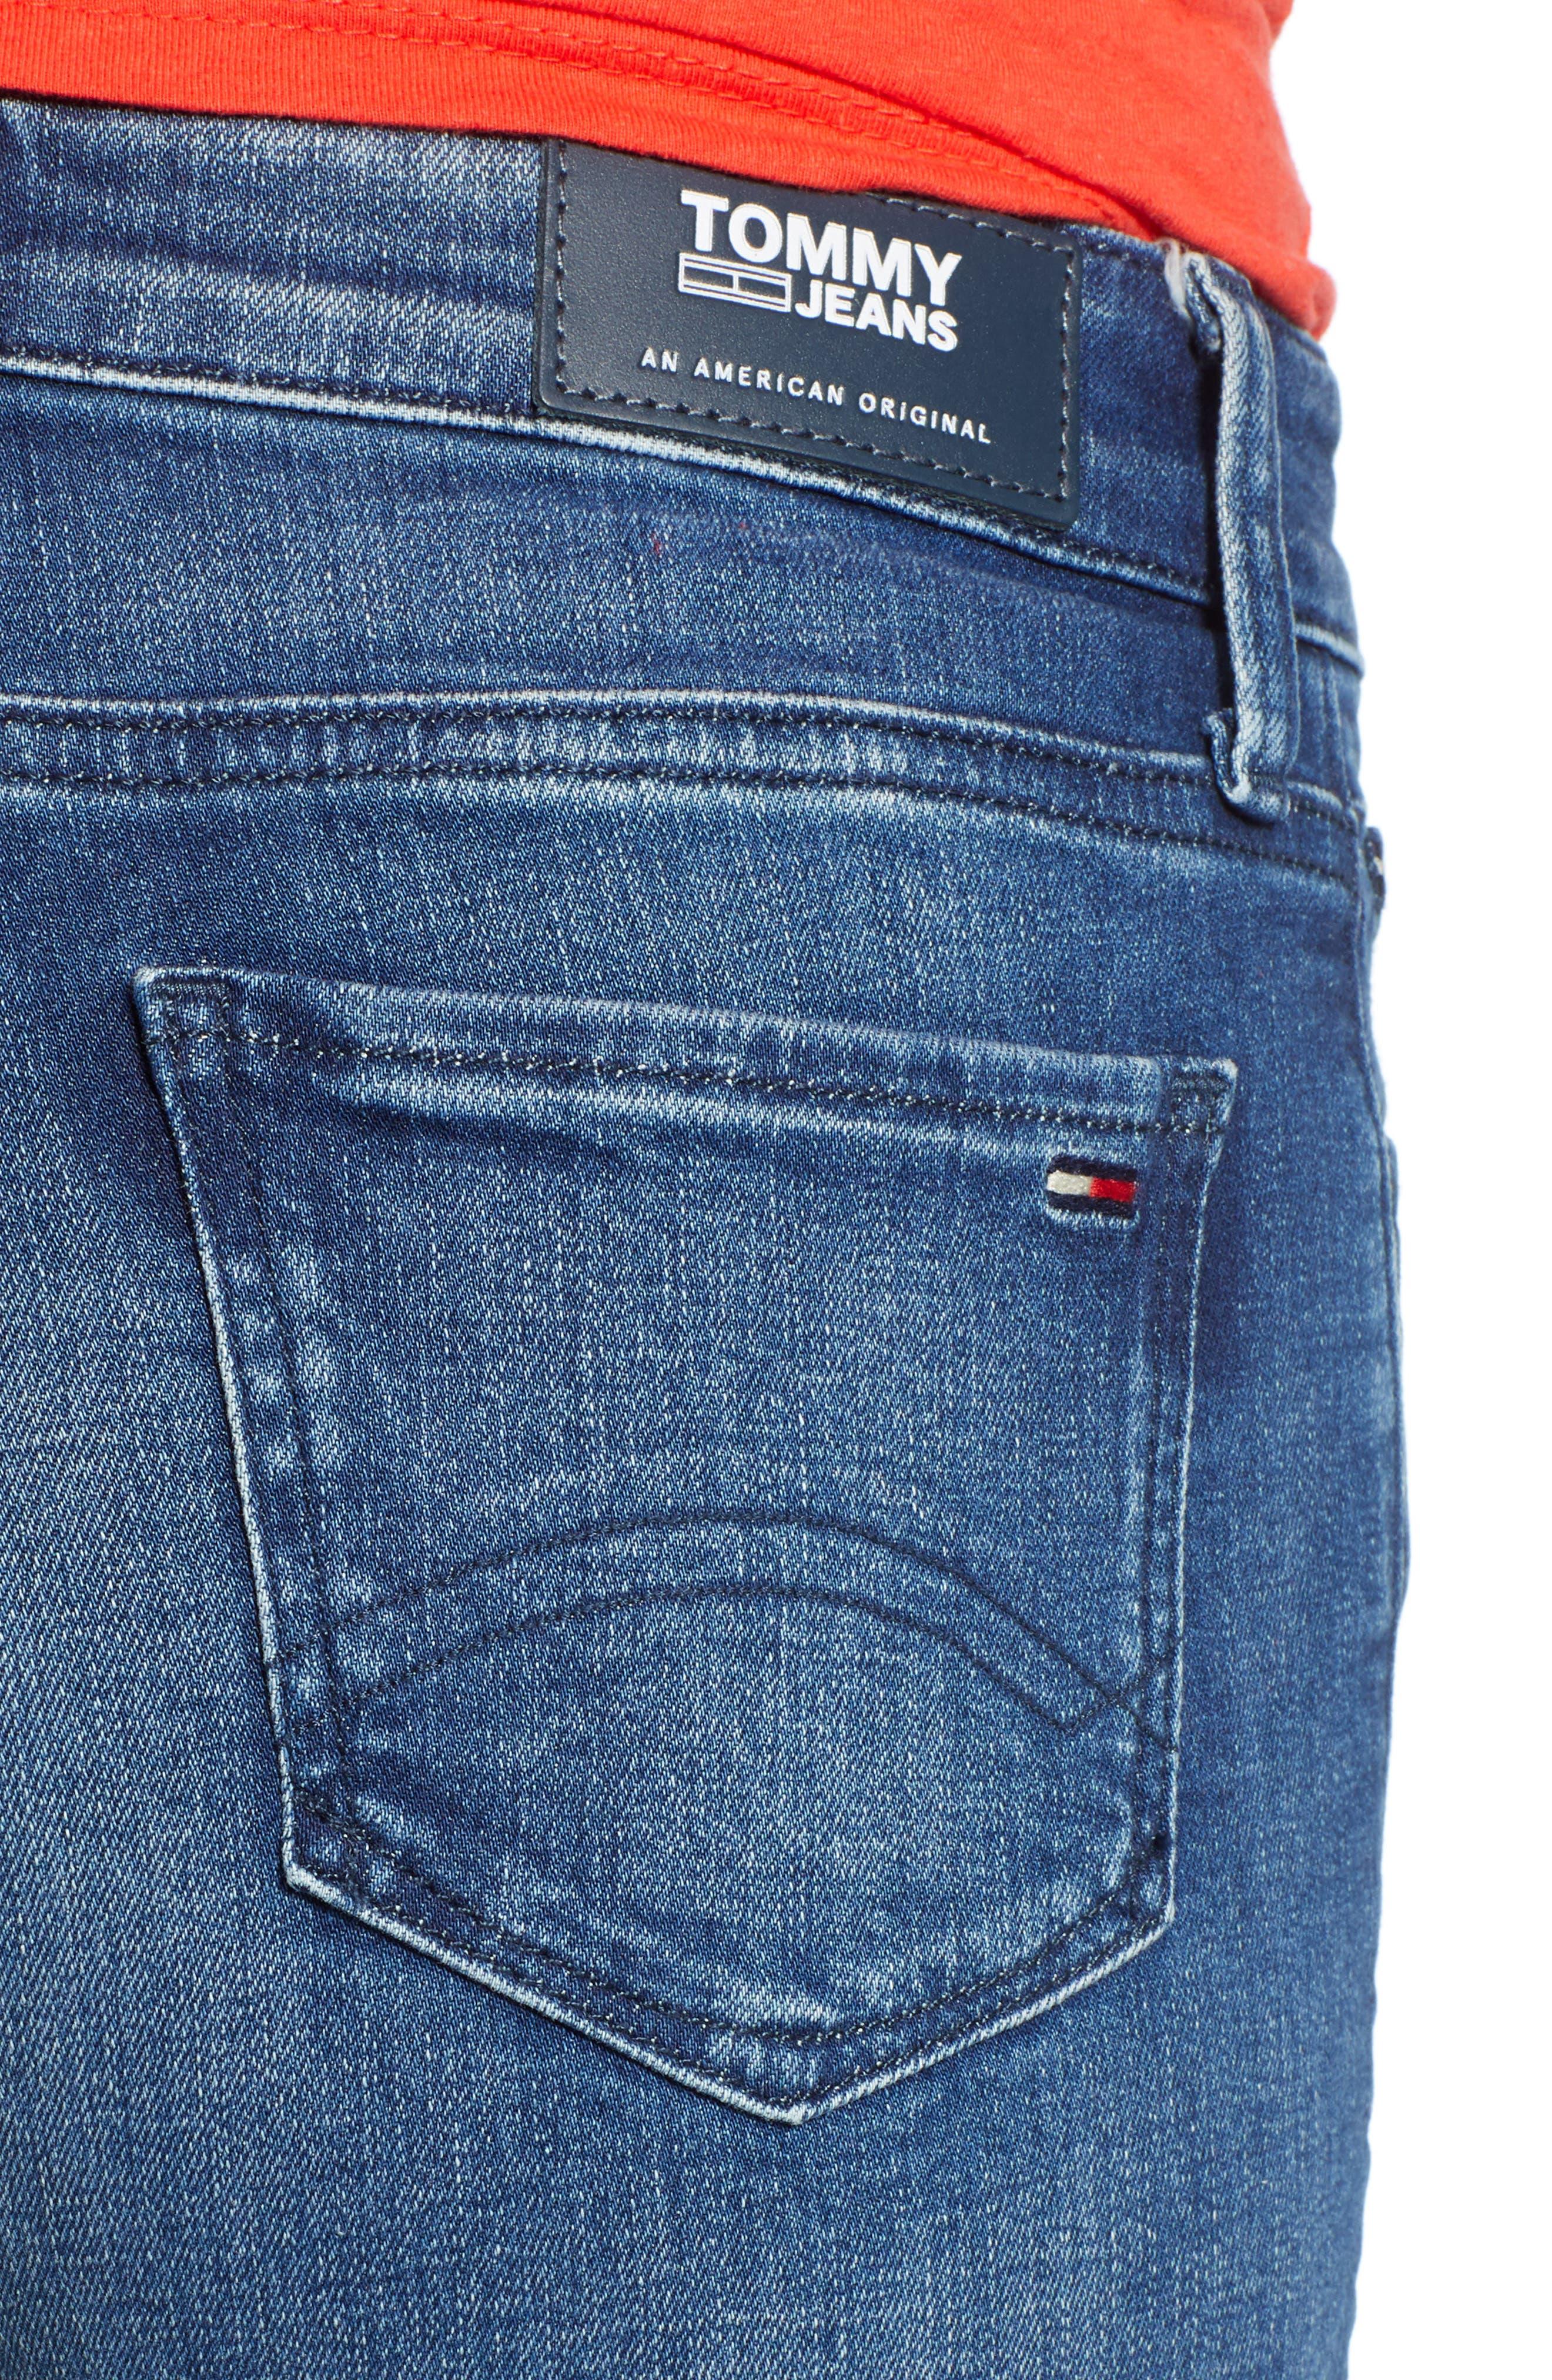 TJW Denim Shorts,                             Alternate thumbnail 4, color,                             400